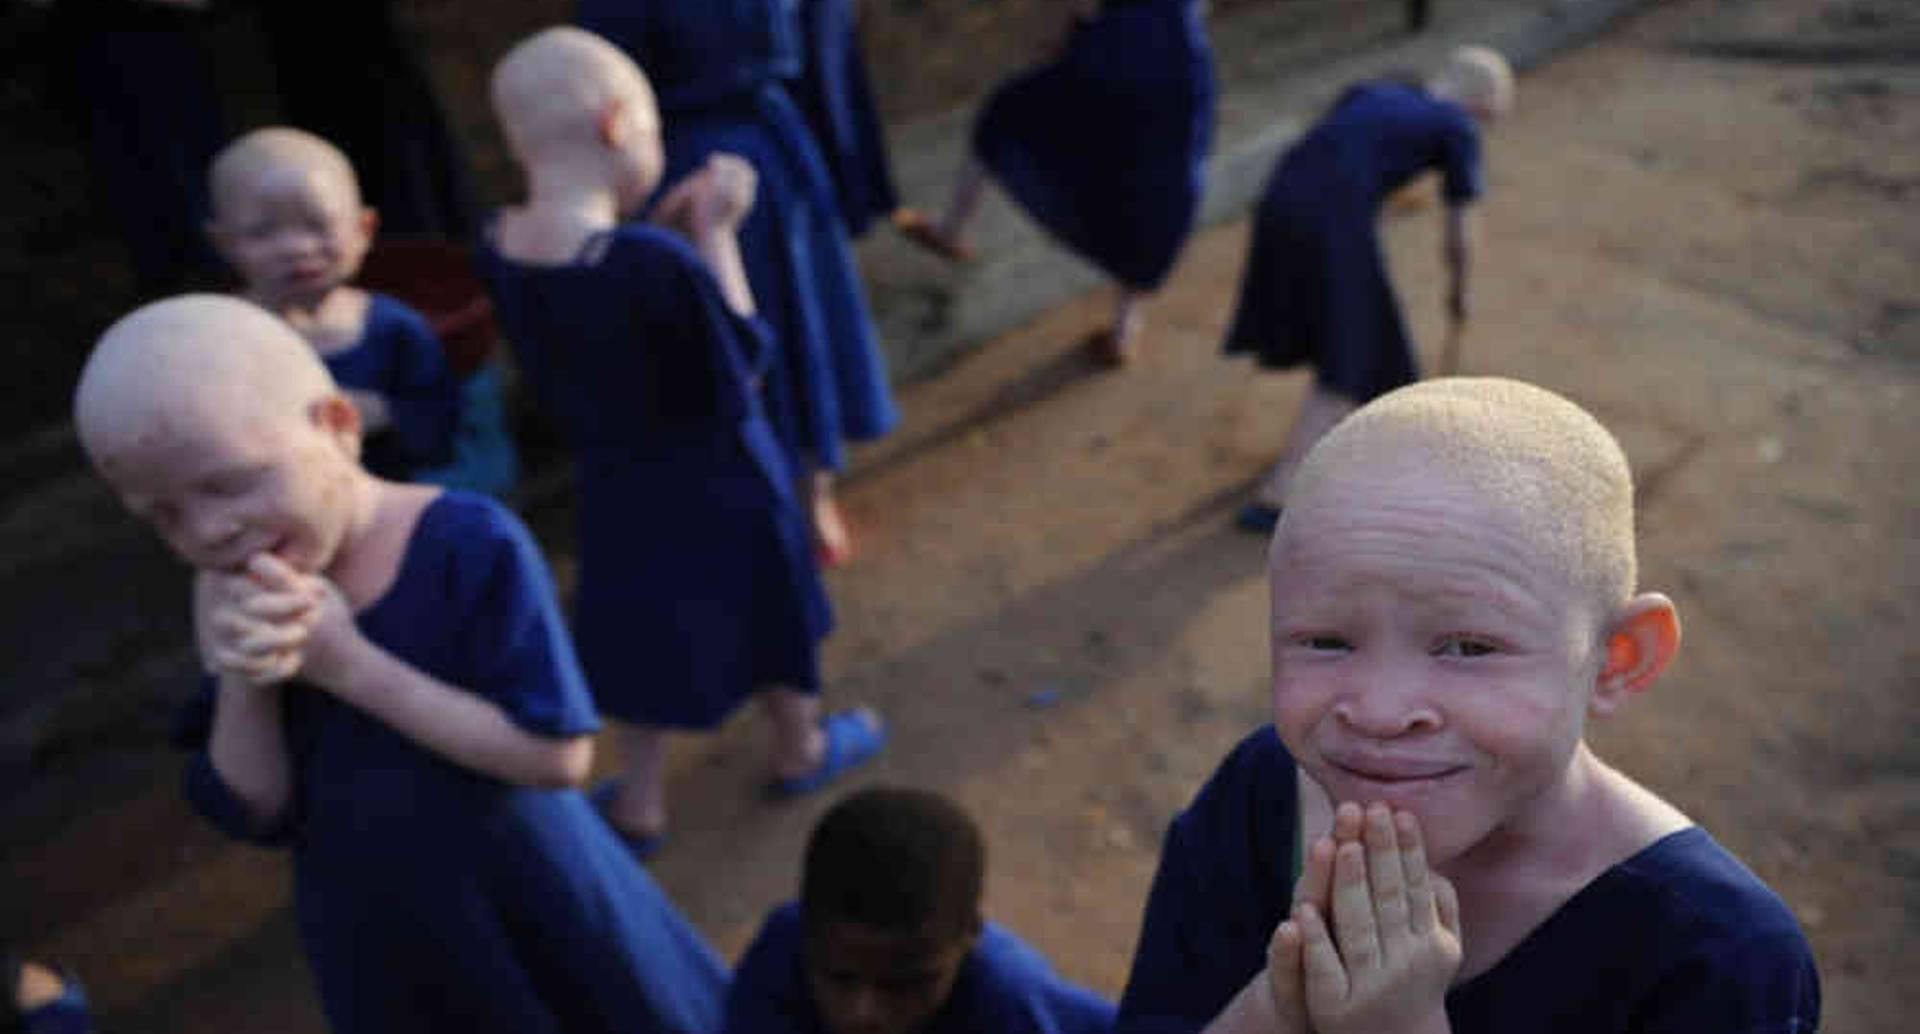 Campamento de acogida de niños albinos. Foto: AFP.